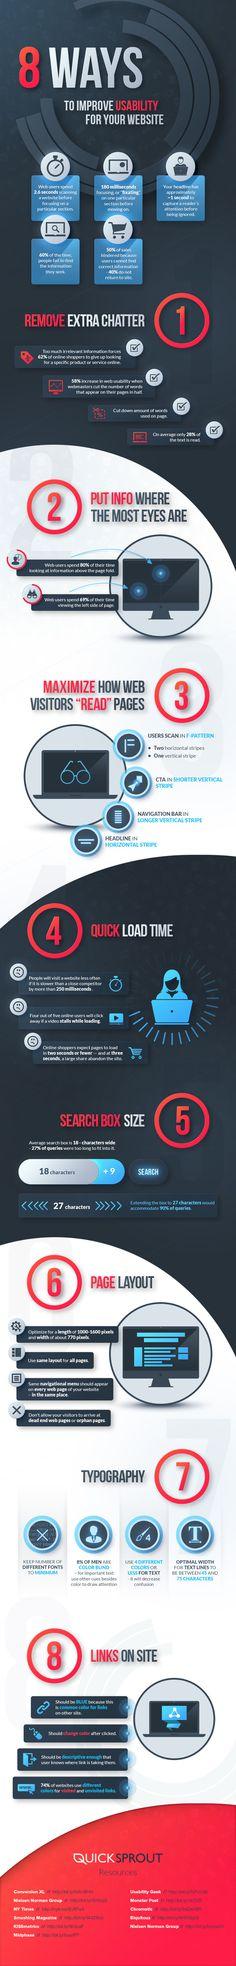 http://onlinemarketing.de/wp-content/uploads/2014/08/usability-tipps1.jpg